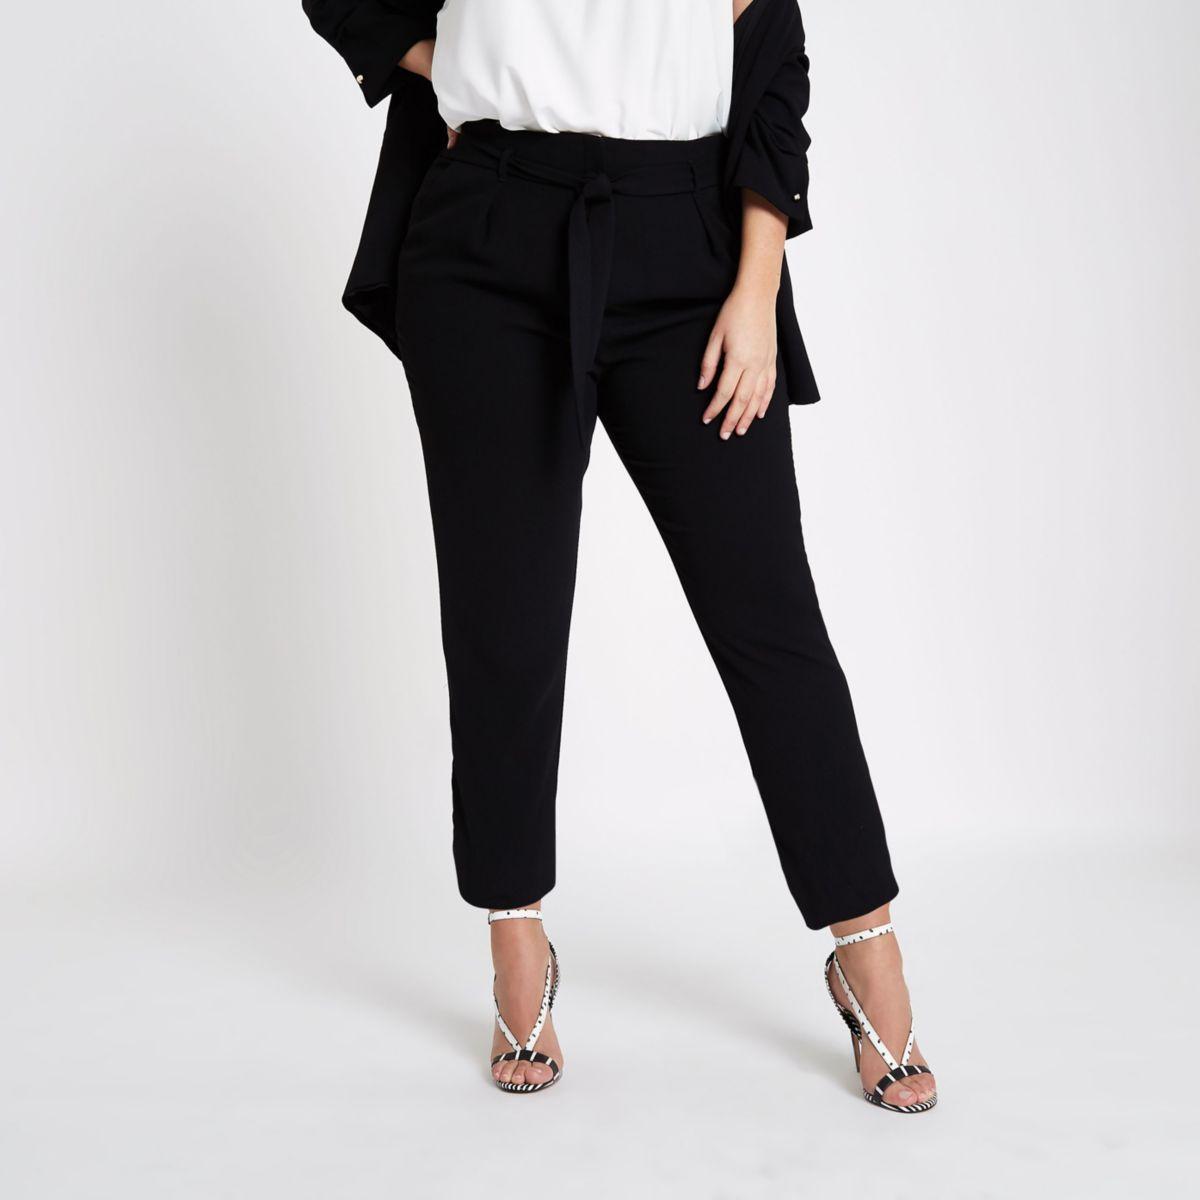 Plus black tie waist tapered pants